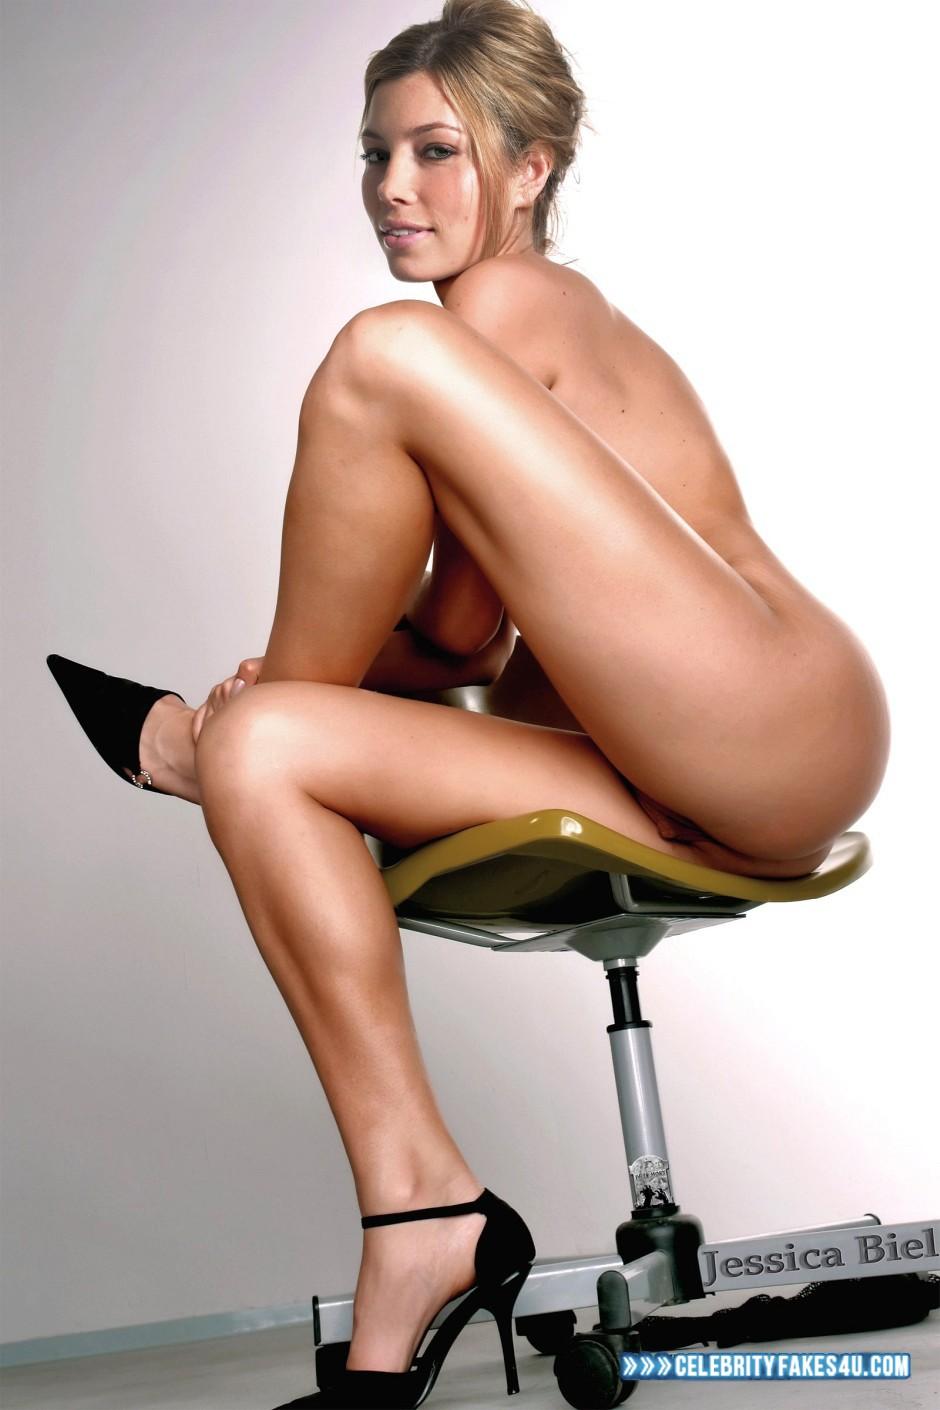 Porno Jessica Biel nude photos 2019